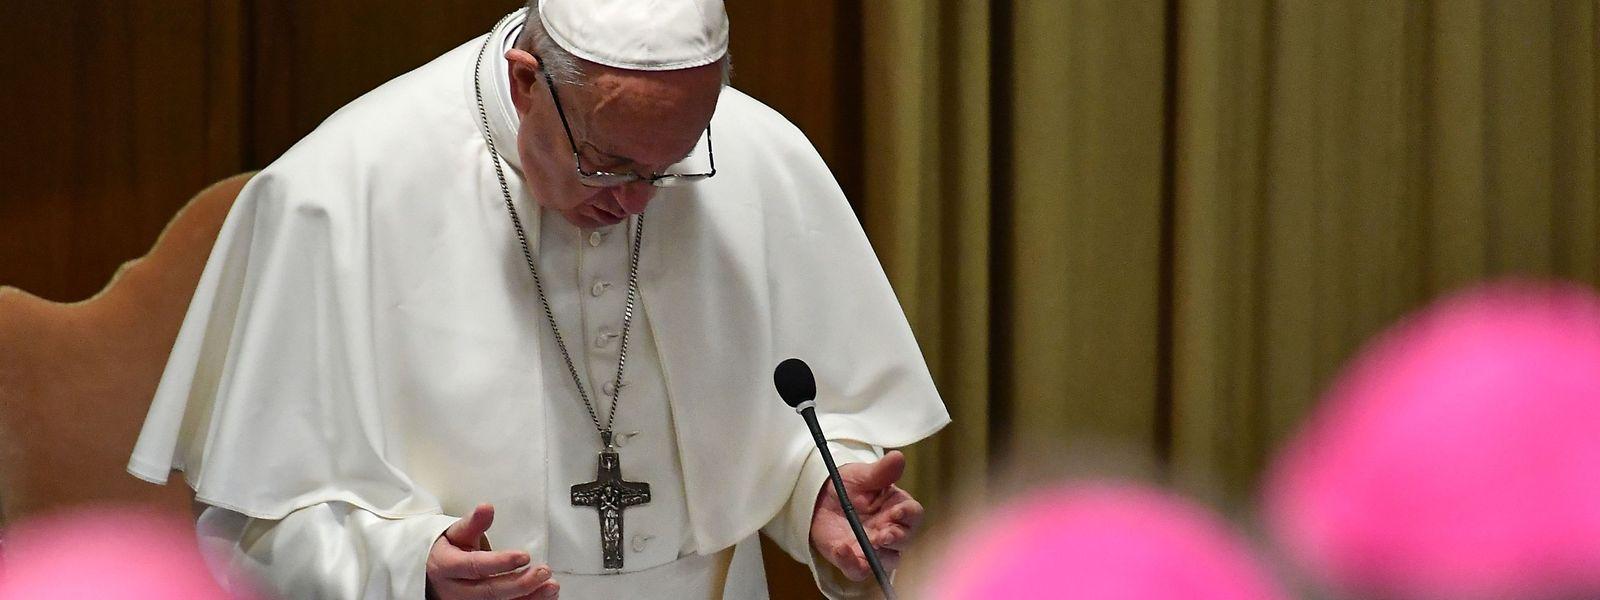 Papst Franziskus spricht bei einer Konferenz zum Thema Missbrauch im Vatikan.